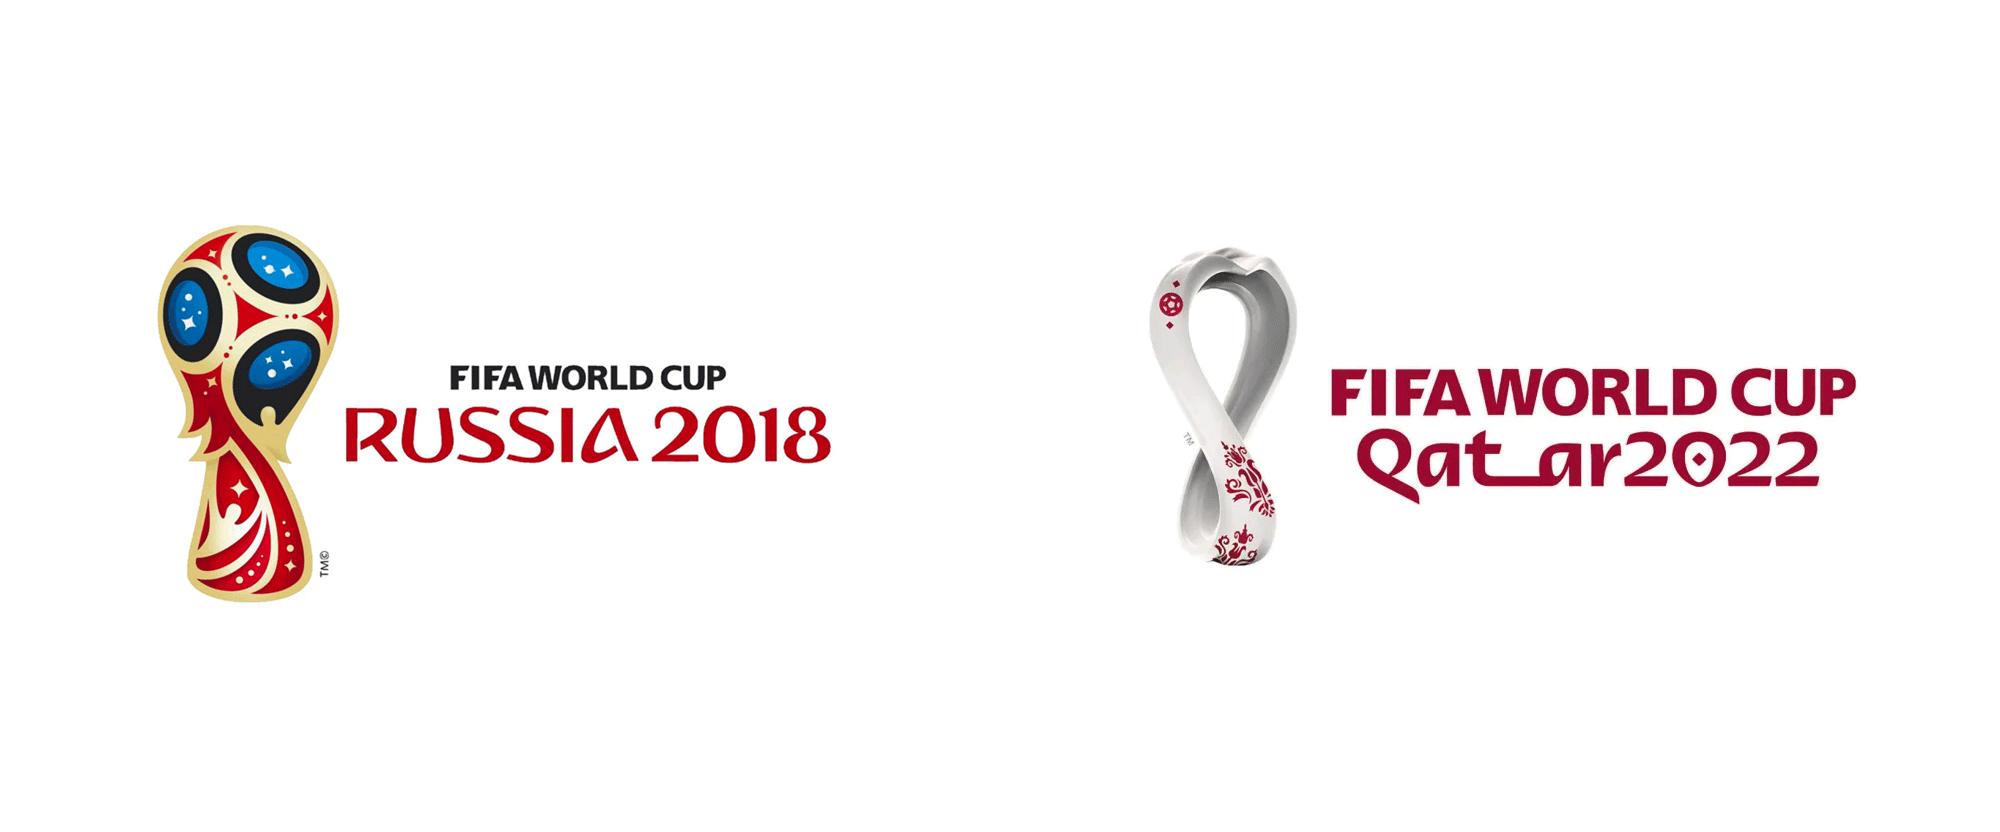 Pin By Pex Pie On Ideas De Fondos De Pantalla In 2020 2022 Fifa World Cup Fifa World Cup World Cup